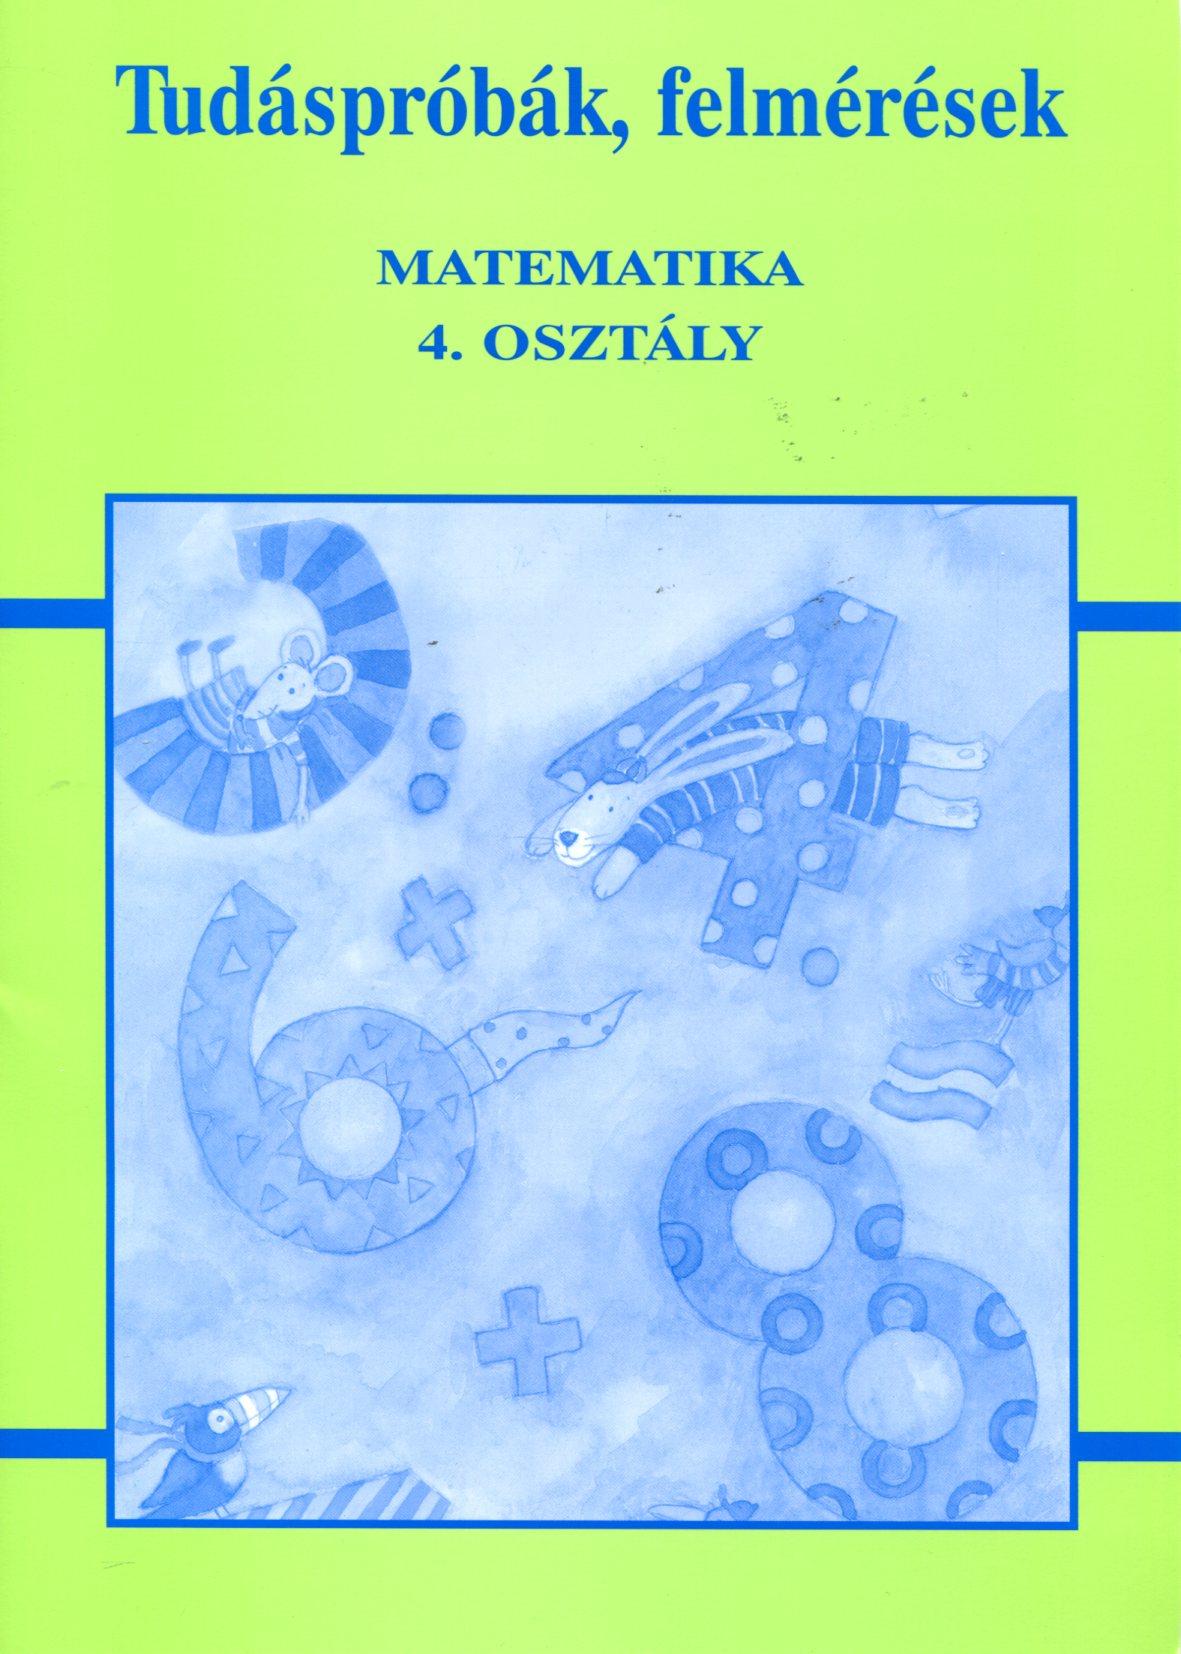 Tudáspróbák, felmérések - matematika 4. osztály